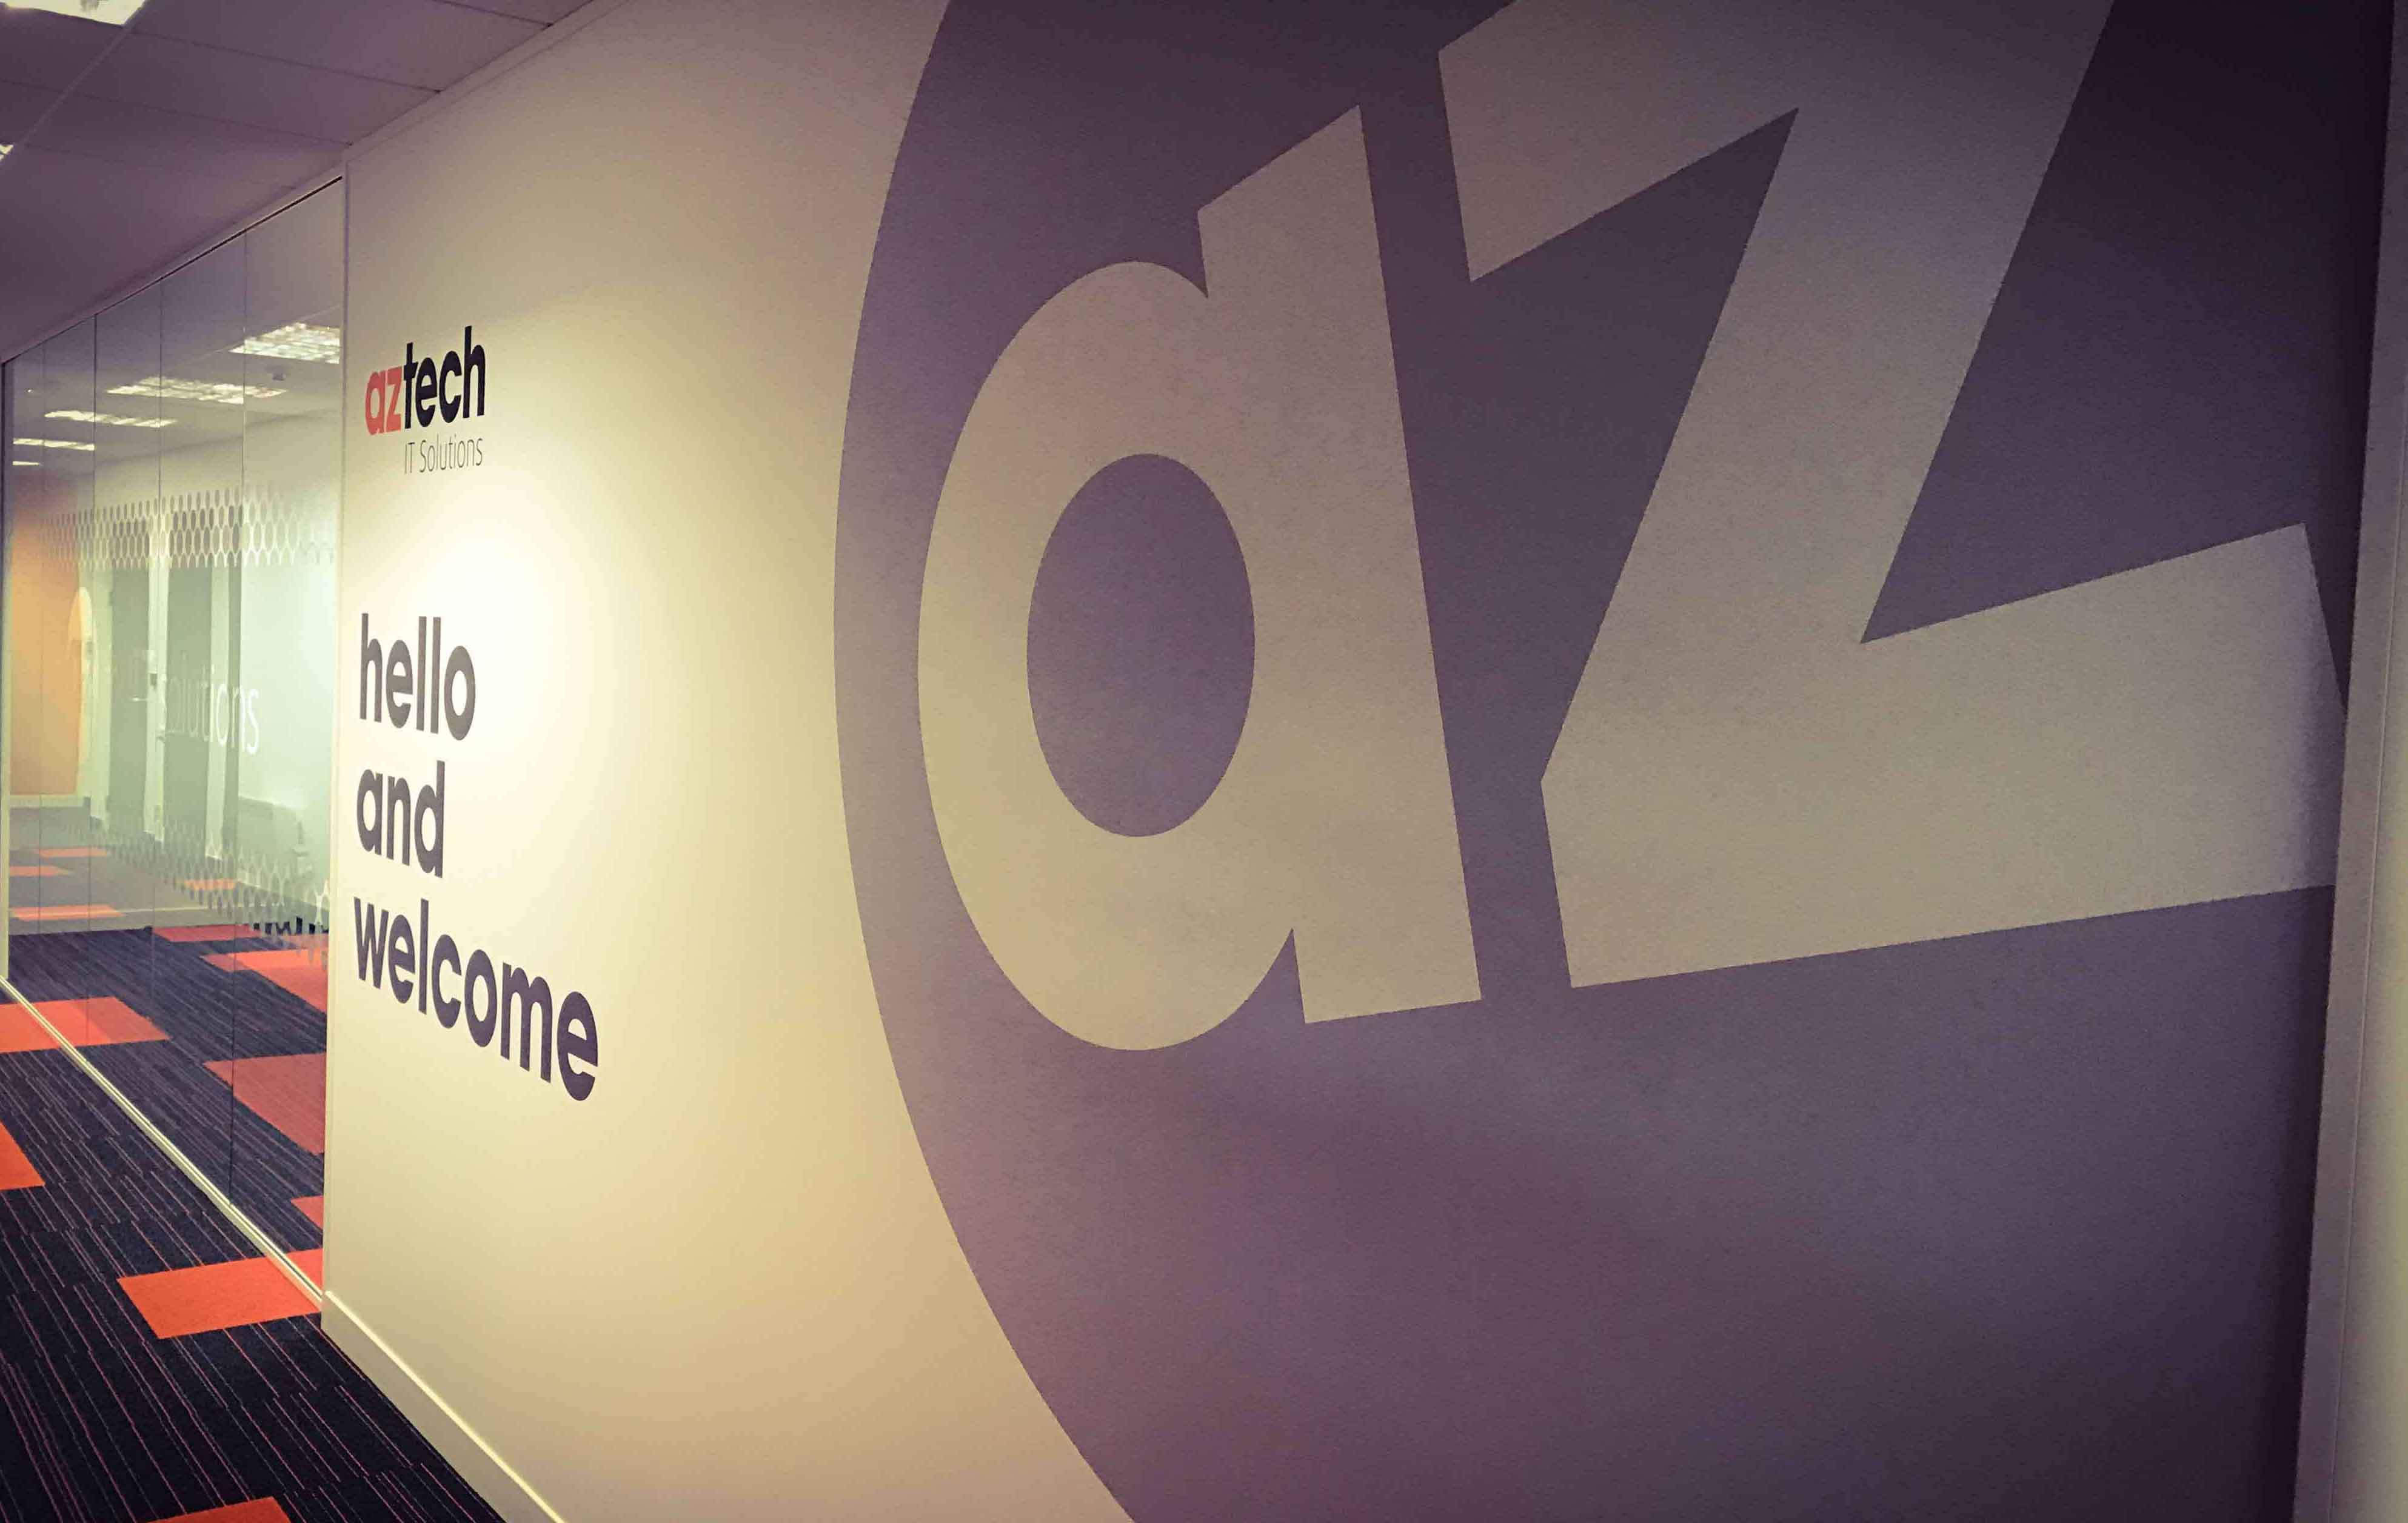 Aztech_office_Wall.jpg